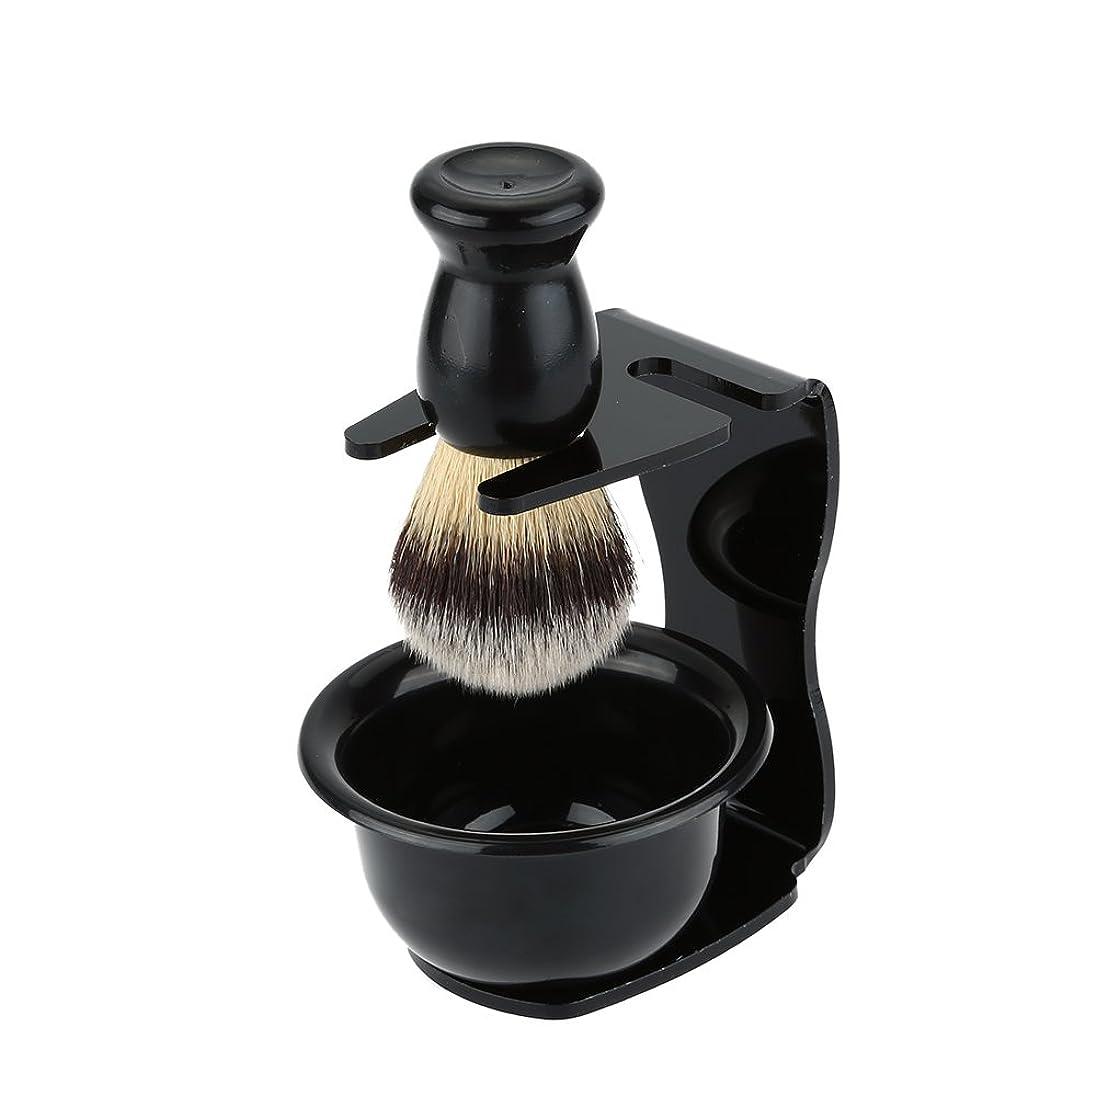 ビーチ釈義味Rakuby 3点セット シェービングブラシキット シェービングブラシ+スタンド+ ソープボウル 洗顔ブラシ 泡立ち 髭剃り 男性用 ダンナ 父親 父の日 プレゼント ブラシアクセサリー